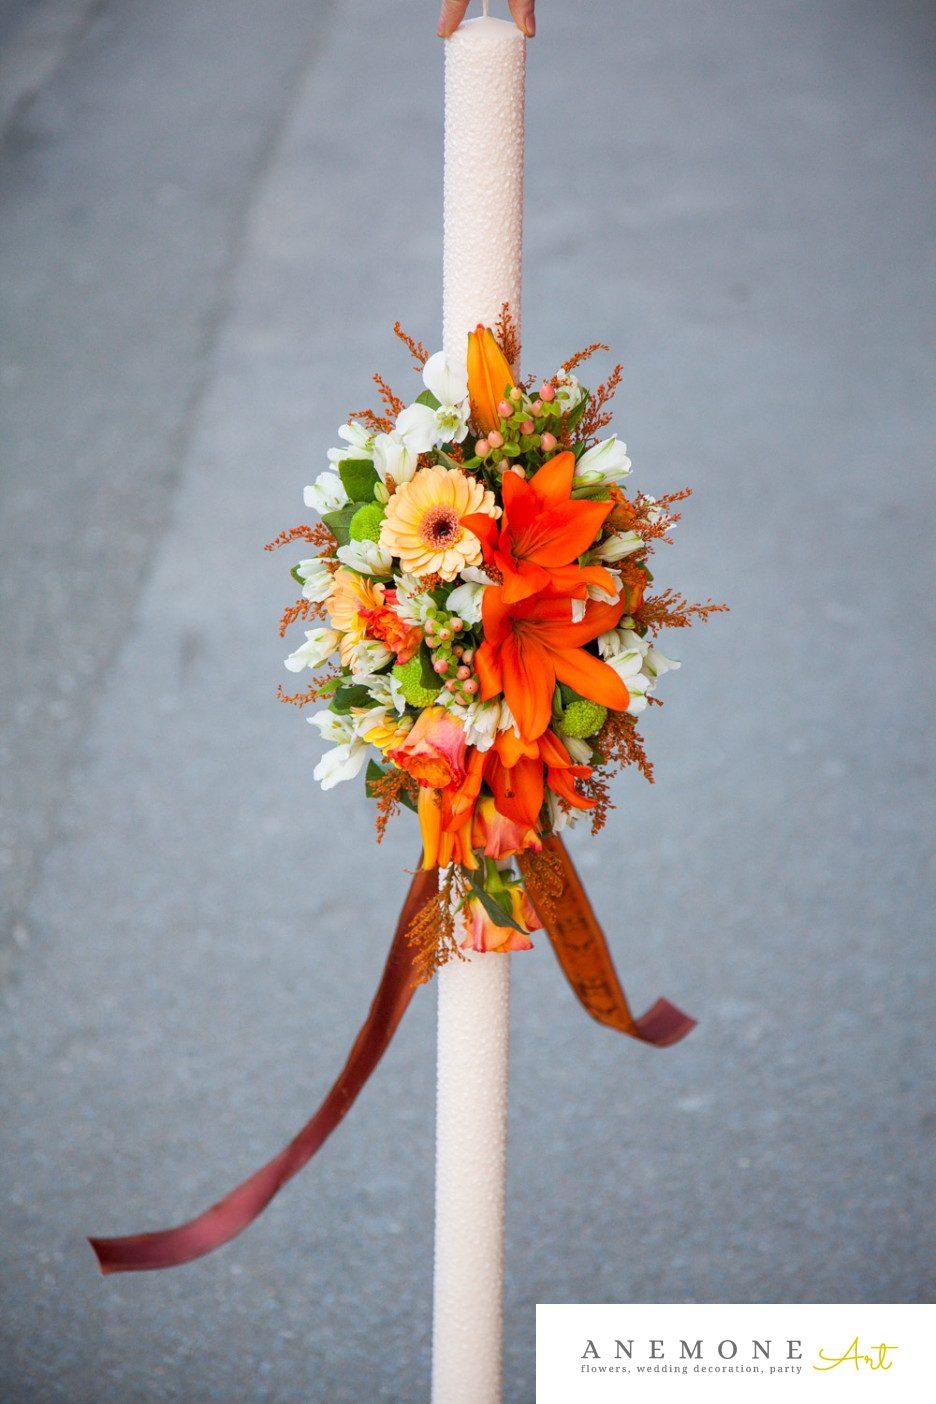 Poza, foto cu Flori de nunta lumanare cununie, piersica, portocaliu in Arad, Timisoara, Oradea (wedding flowers, bouquets) nunta Arad, Timisoara, Oradea